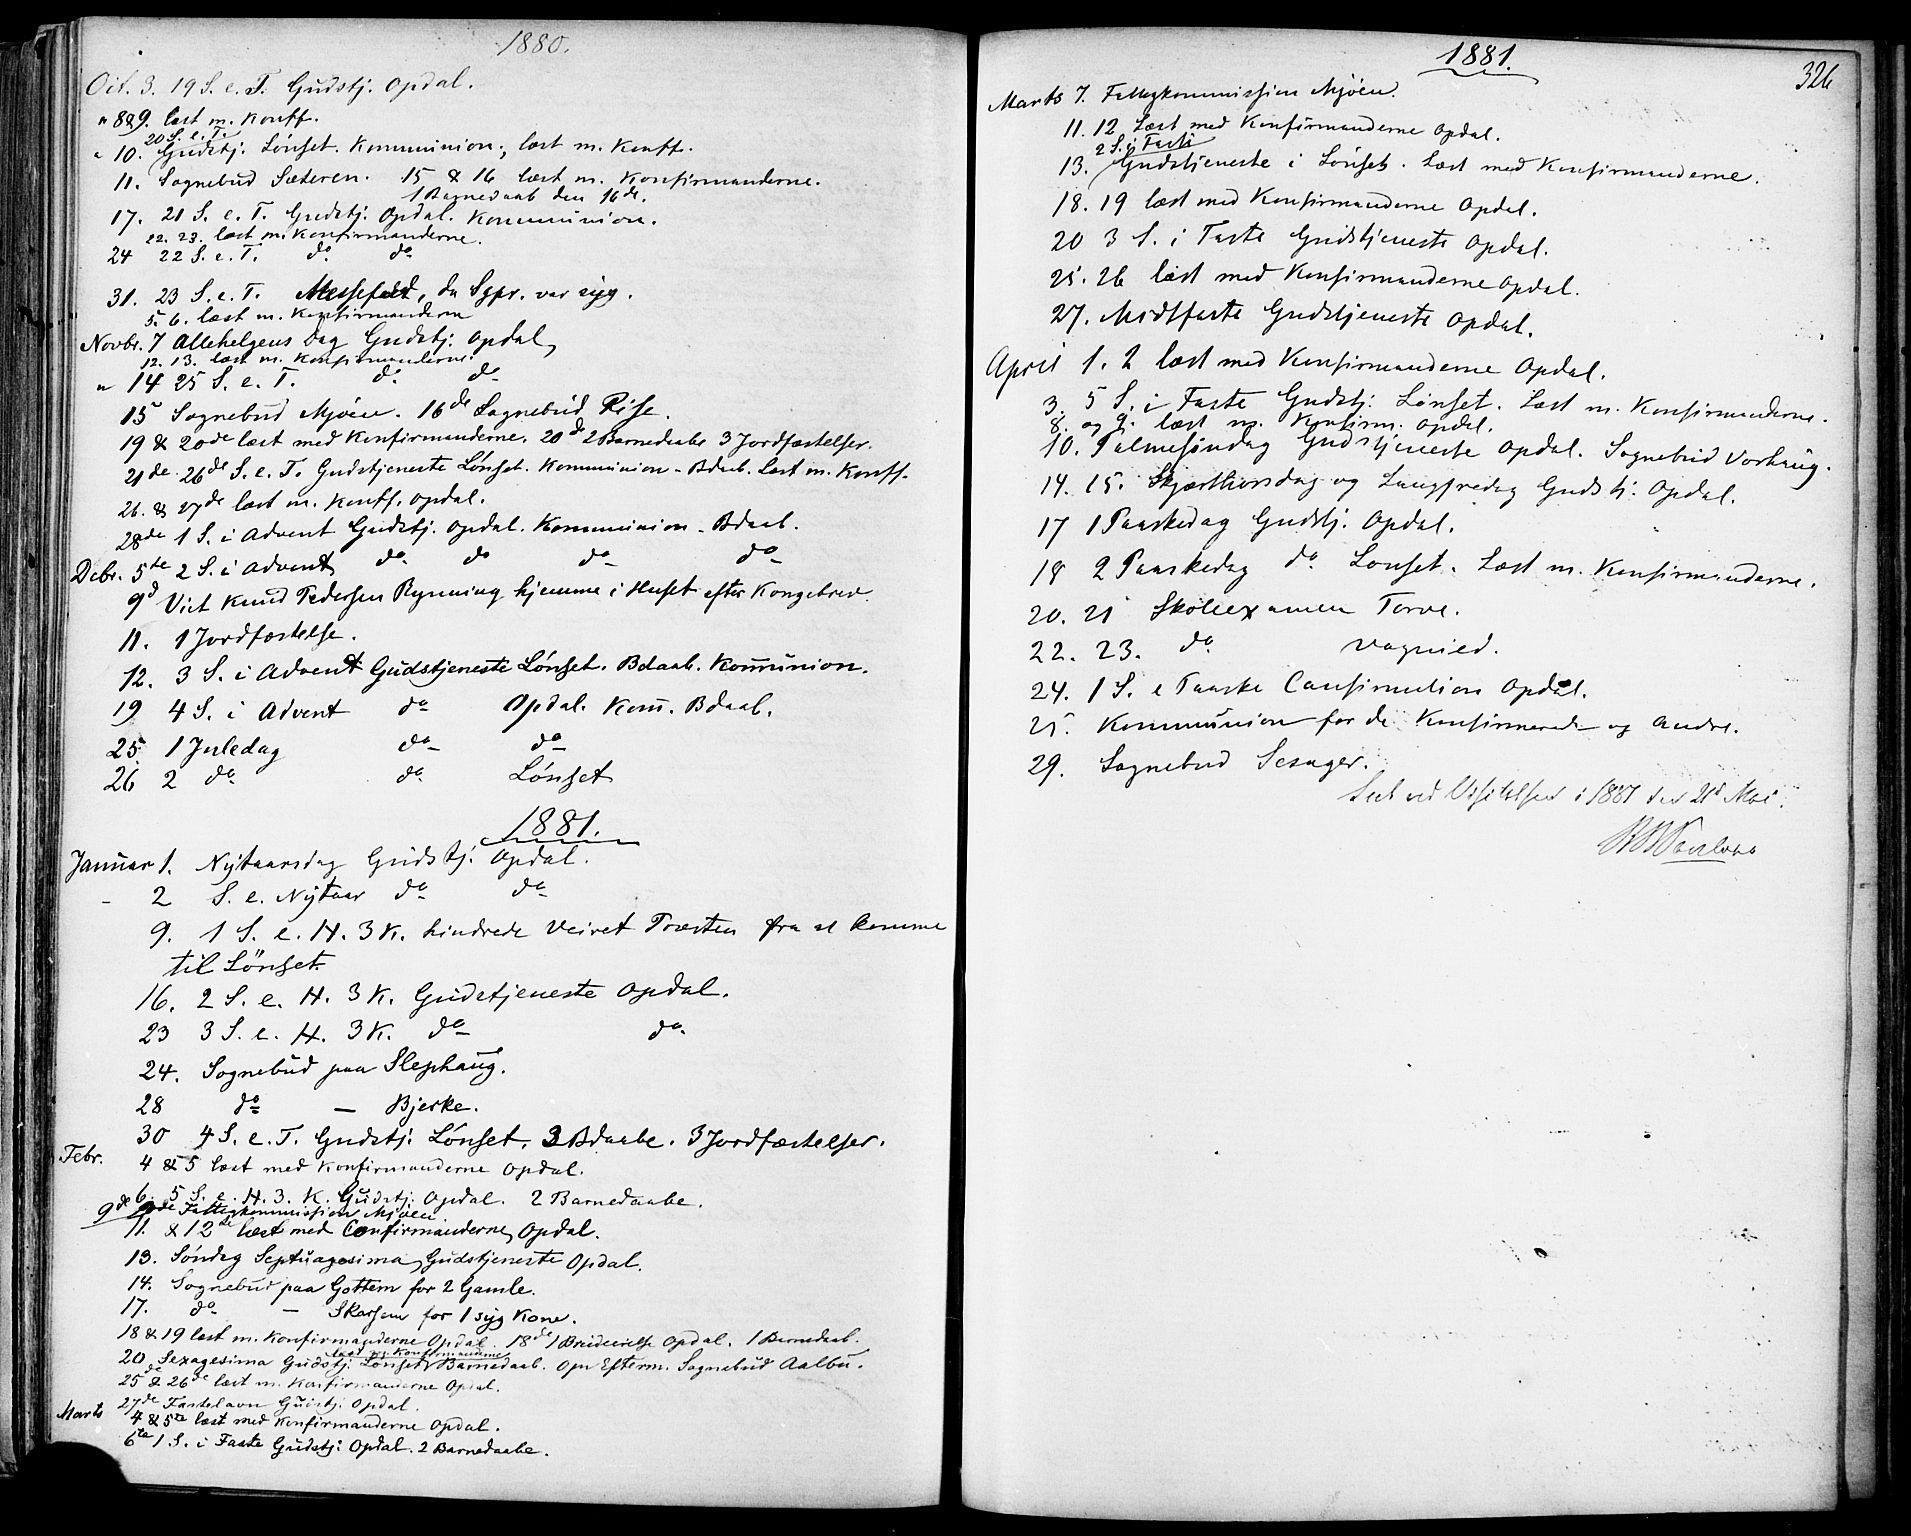 SAT, Ministerialprotokoller, klokkerbøker og fødselsregistre - Sør-Trøndelag, 678/L0900: Ministerialbok nr. 678A09, 1872-1881, s. 326